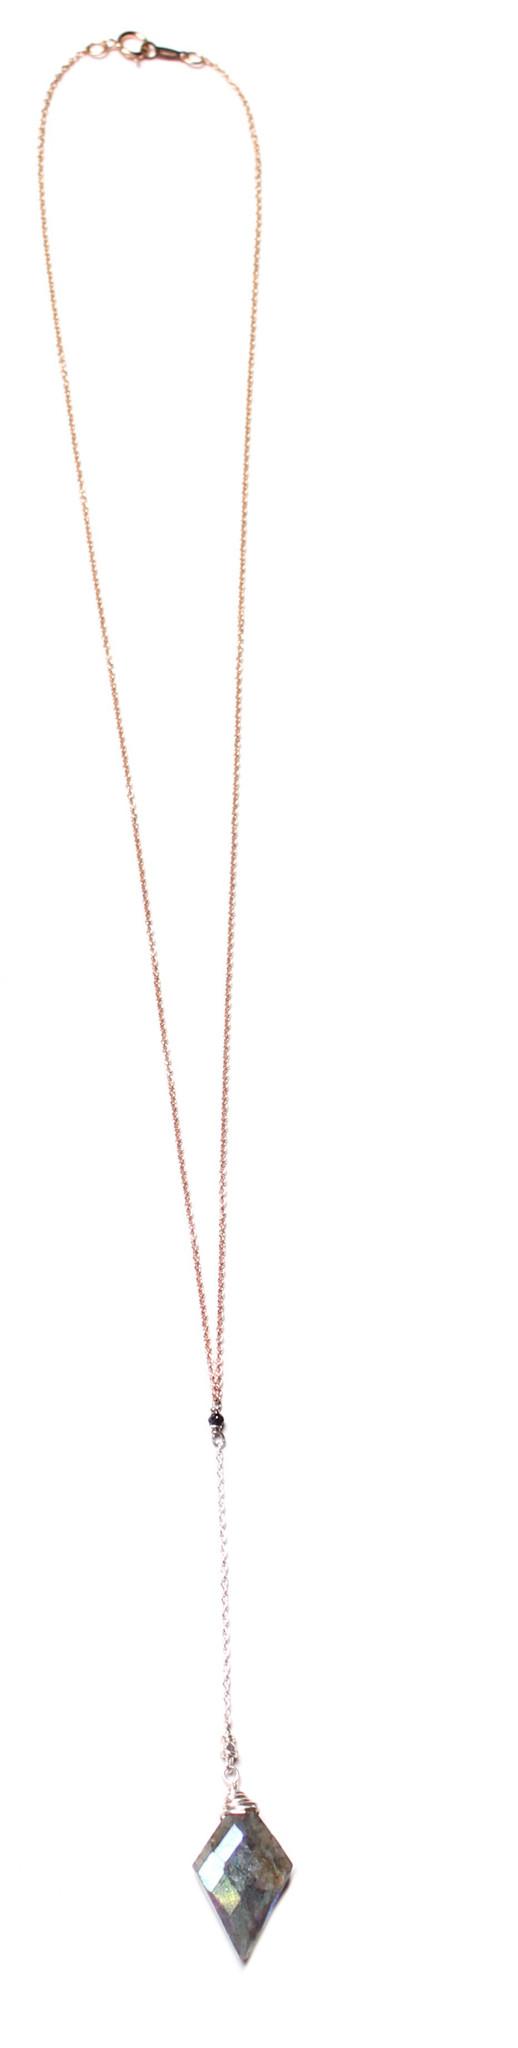 Sarah Dunn Labradorite Lariat Necklace